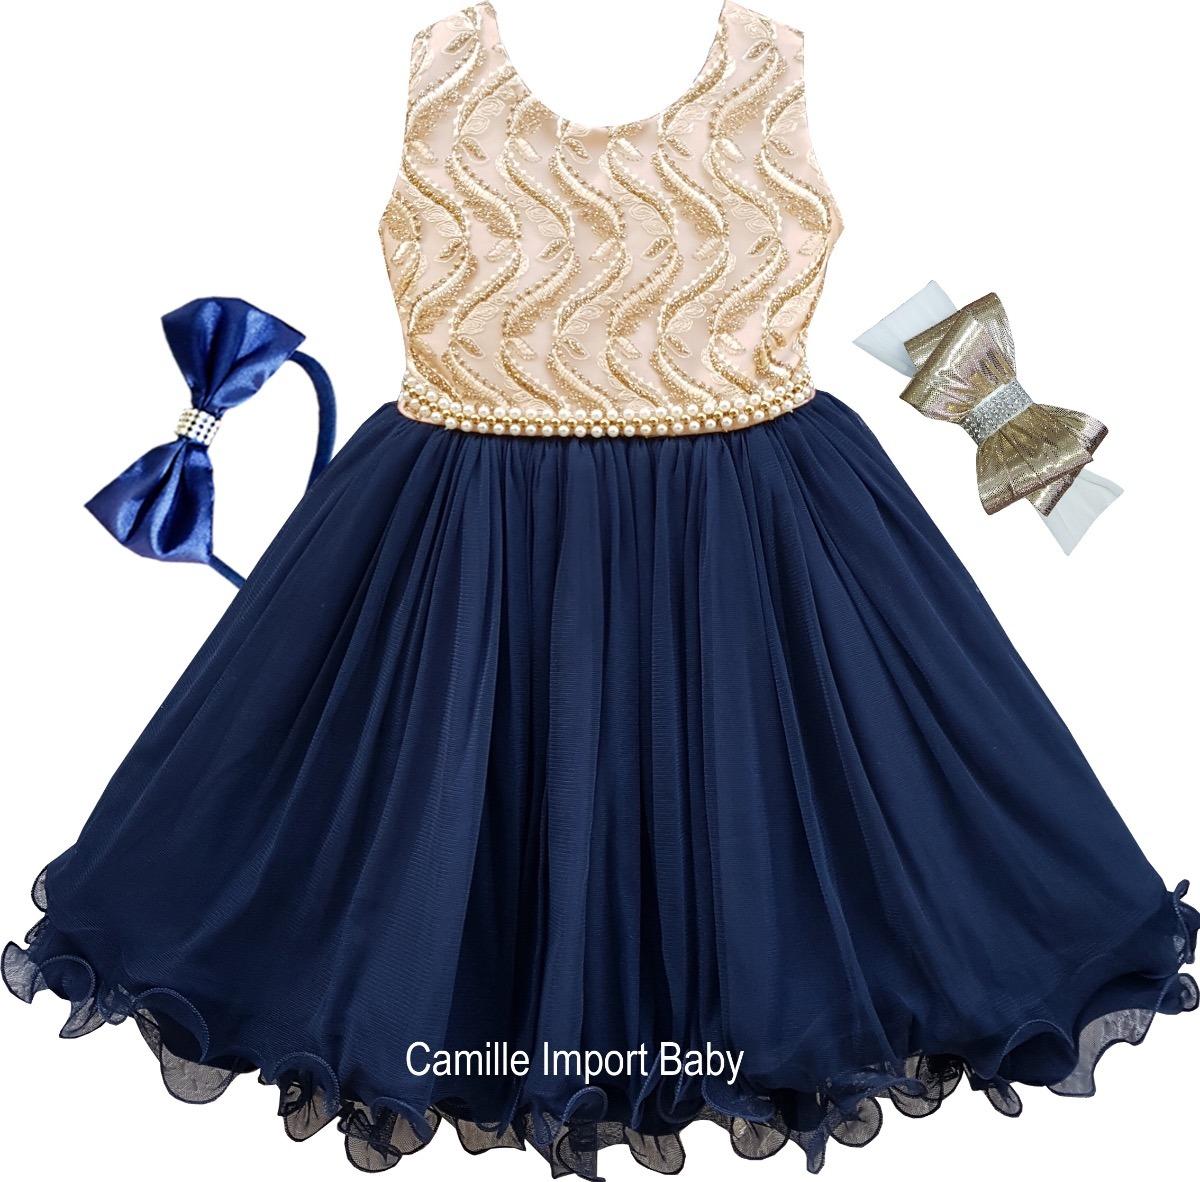 a7c3a7e3d vestido infantil azul marinho e dourado festa luxo e tiaras. Carregando  zoom.